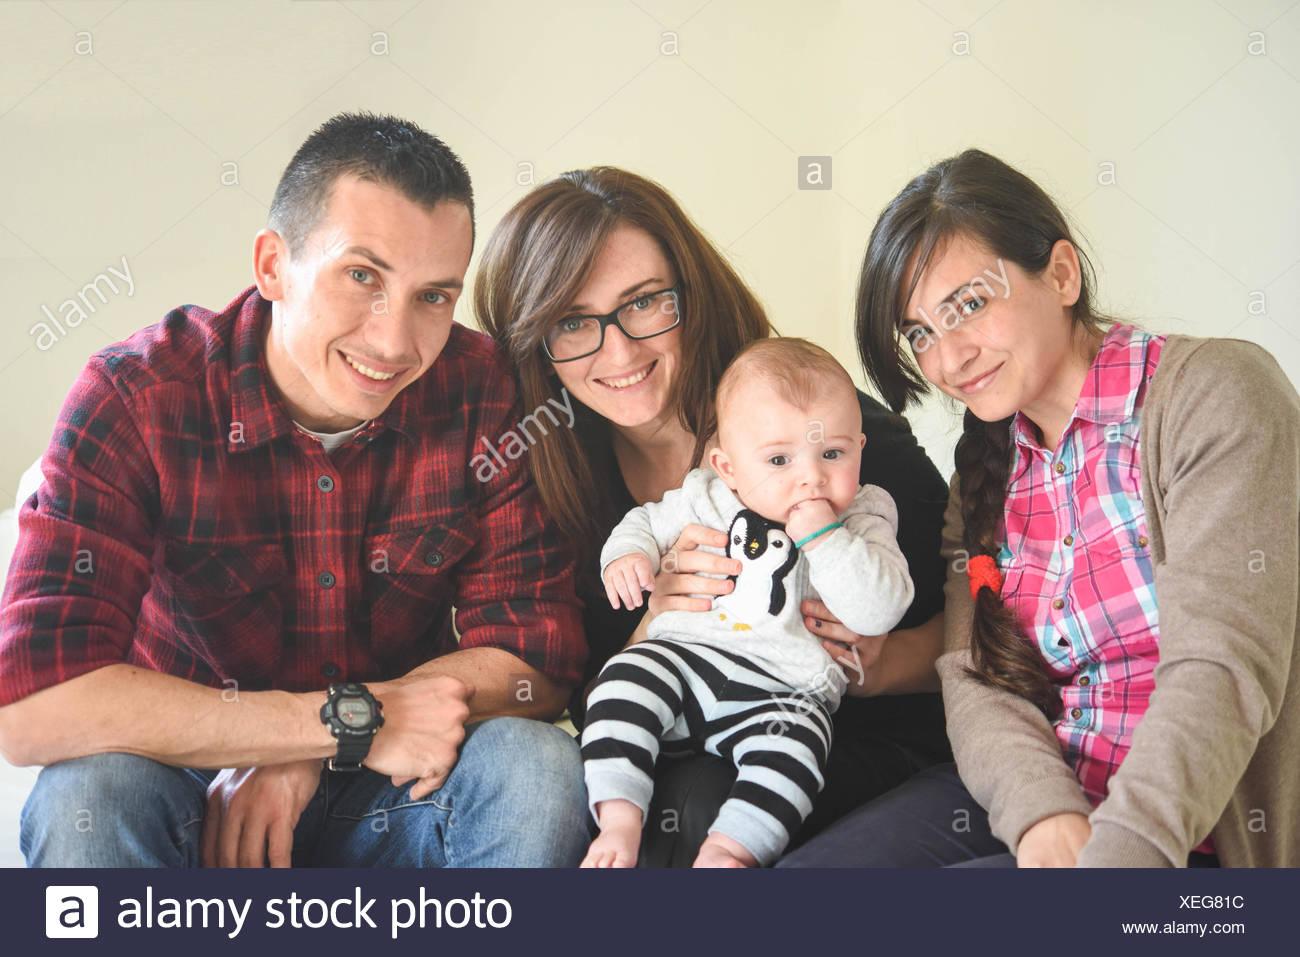 Professionnels portrait de deux femmes, un homme et un bébé Photo Stock